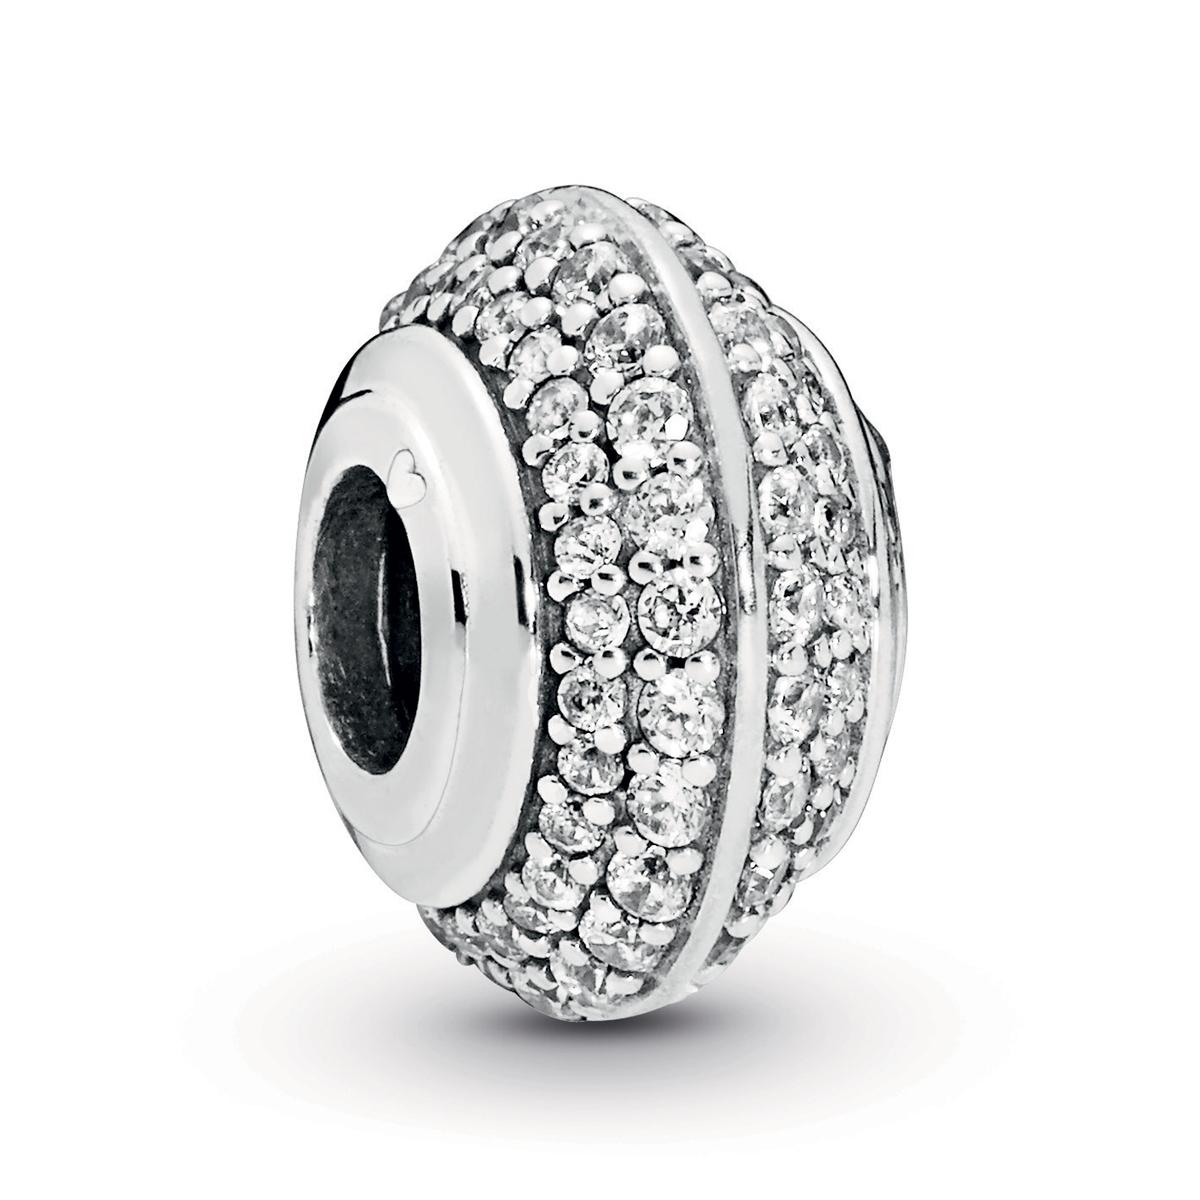 cea0de08e PANDORA Gemstone & CZ Charms - Pancharmbracelets.com